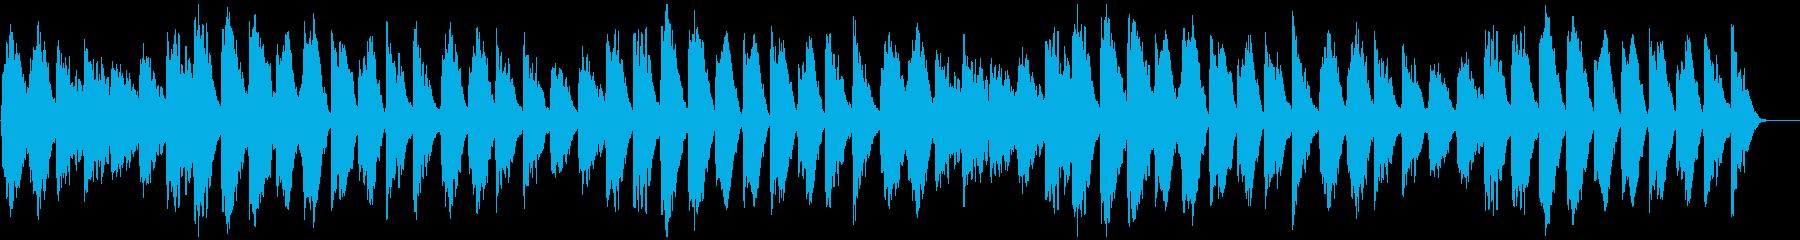 ヨガや瞑想に使える音楽(シンセ)の再生済みの波形